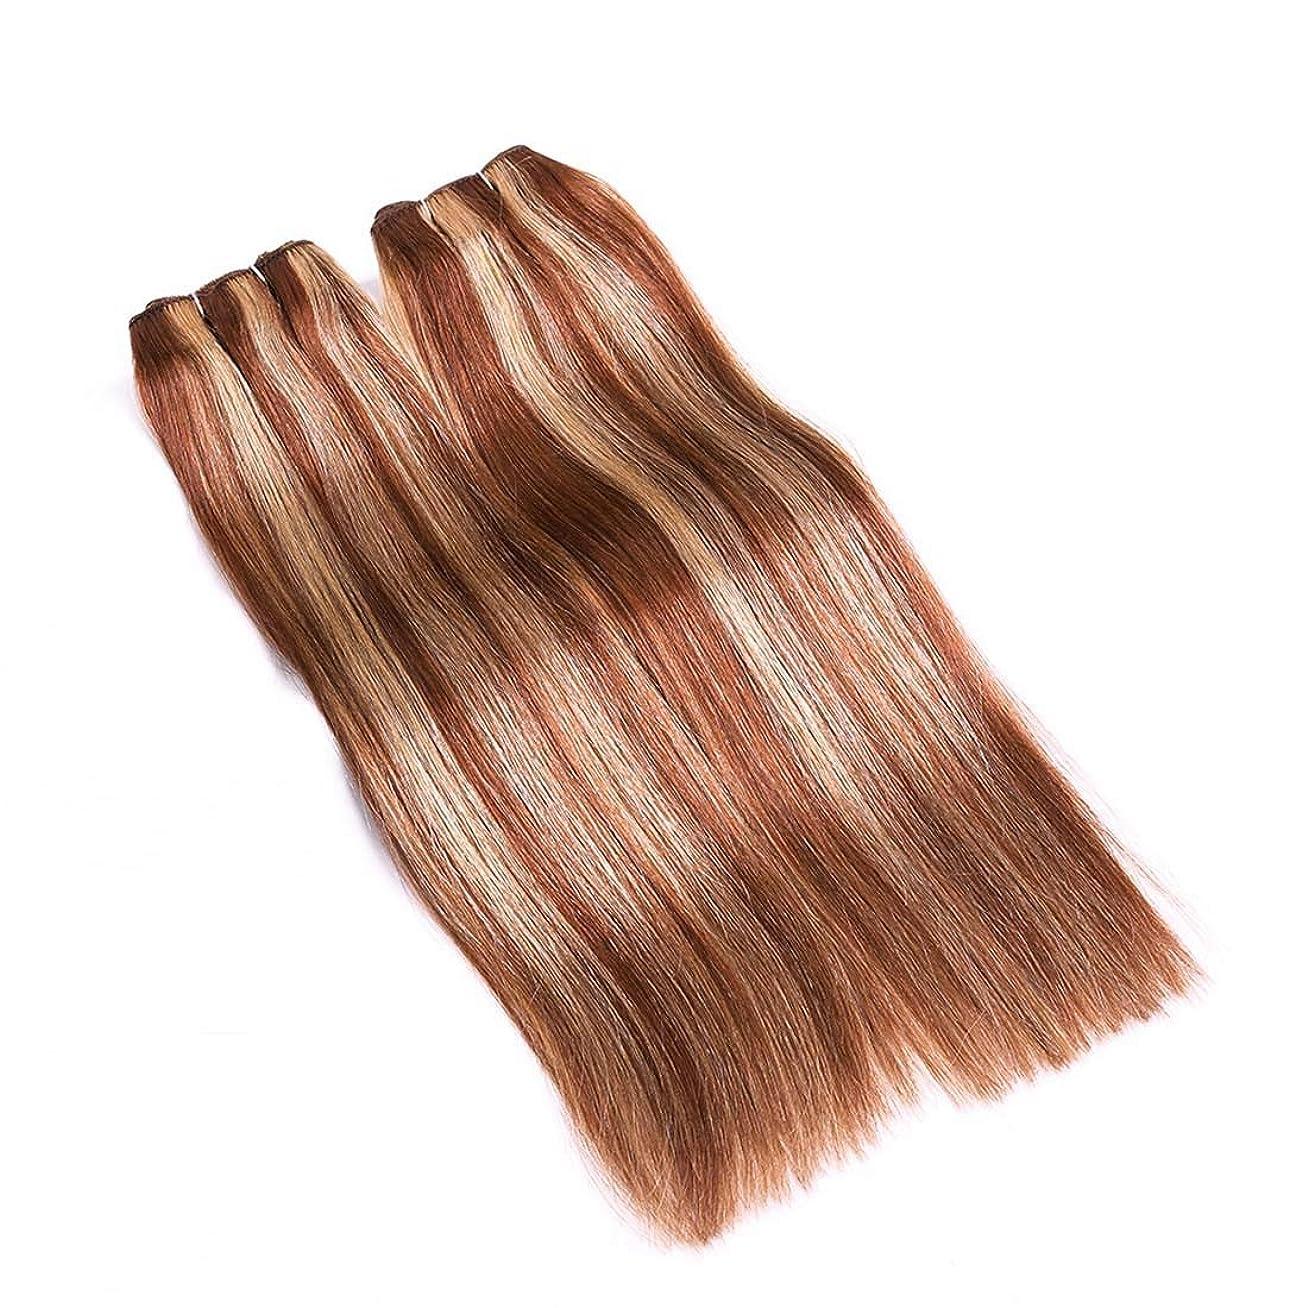 値下げ労苦提案JIANFU 髪カーテン レアルヘア ストレートヘア ミックスカラー ウィッグカーテン レディース ノットなし 染める可能 (サイズ : 18inch)